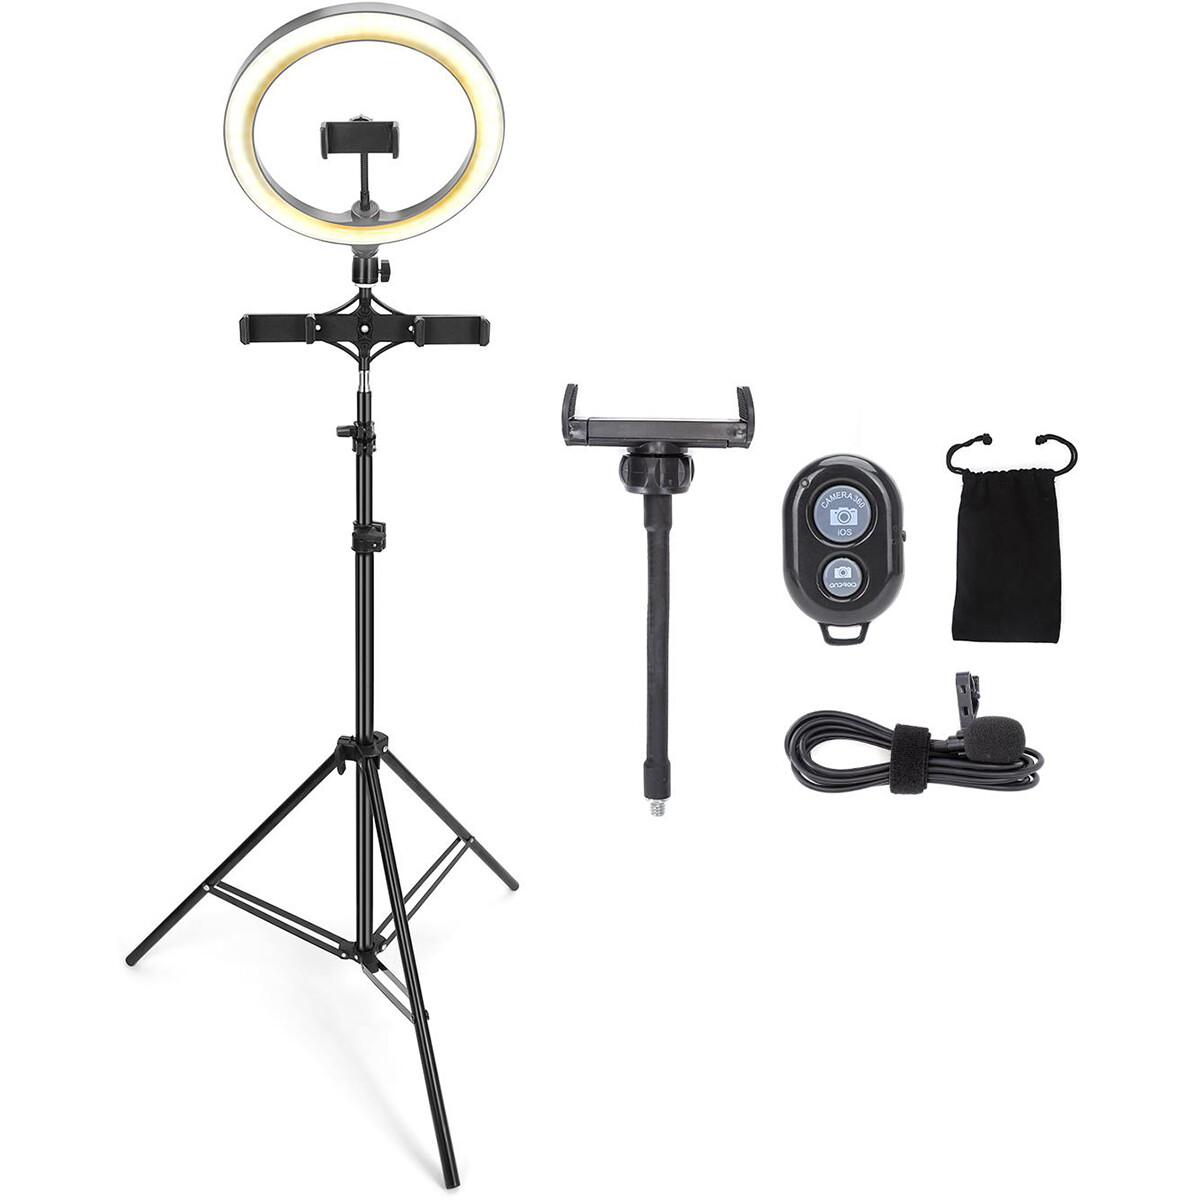 Ringlamp met Statief - Aigi Rongy - Bluetooth - Microfoon - Afstandsbediening - Dimbaar - CCT Aanpas